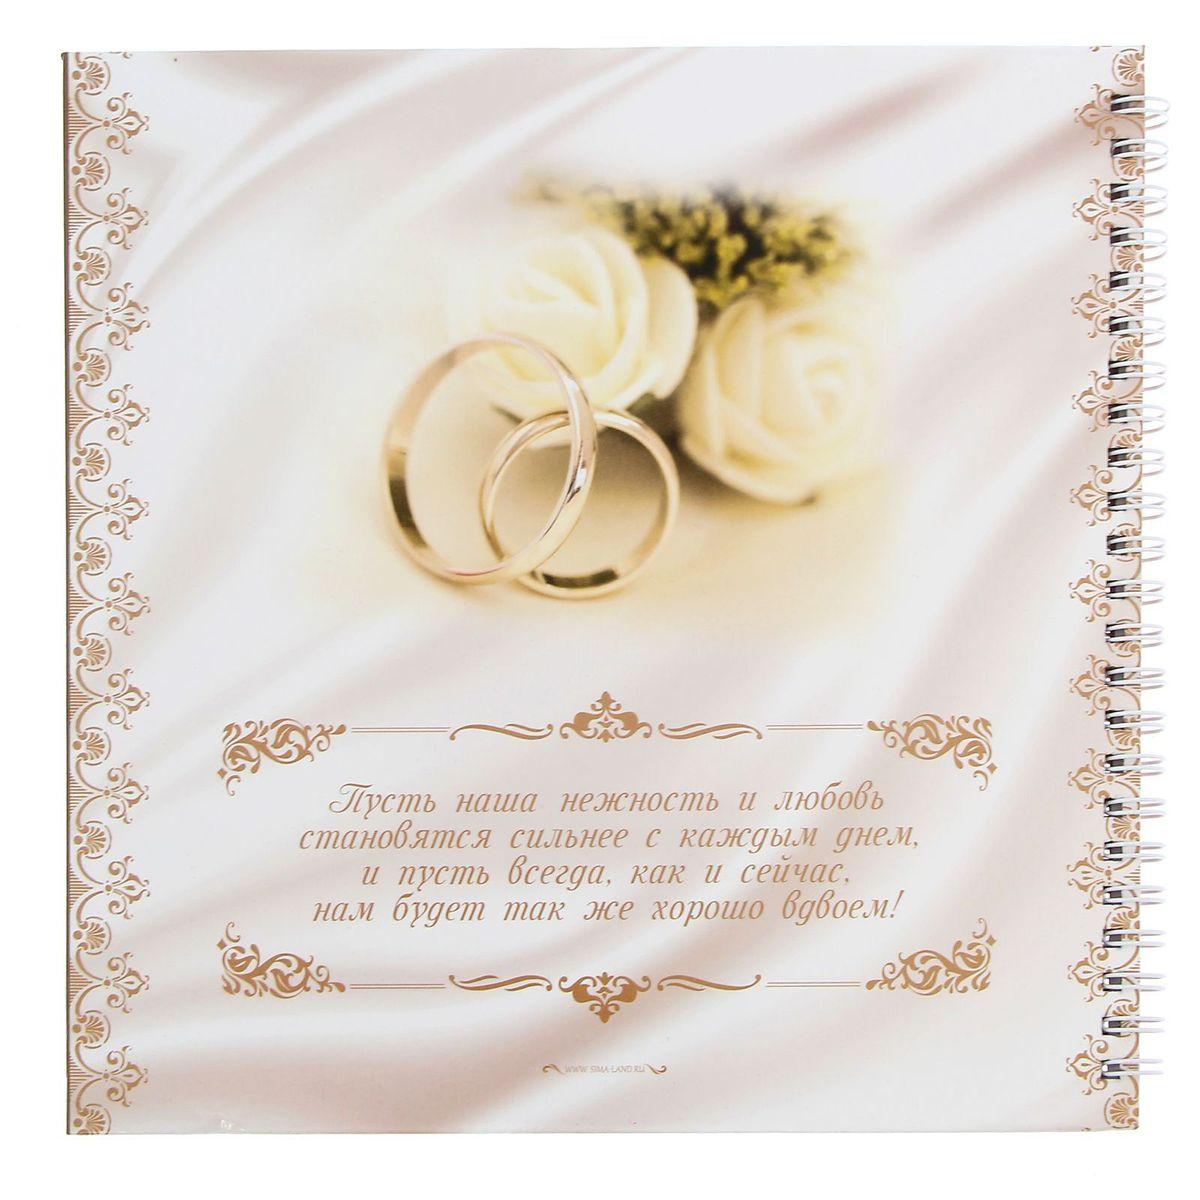 Семье красивая, прикольные картинки в свадебный альбом